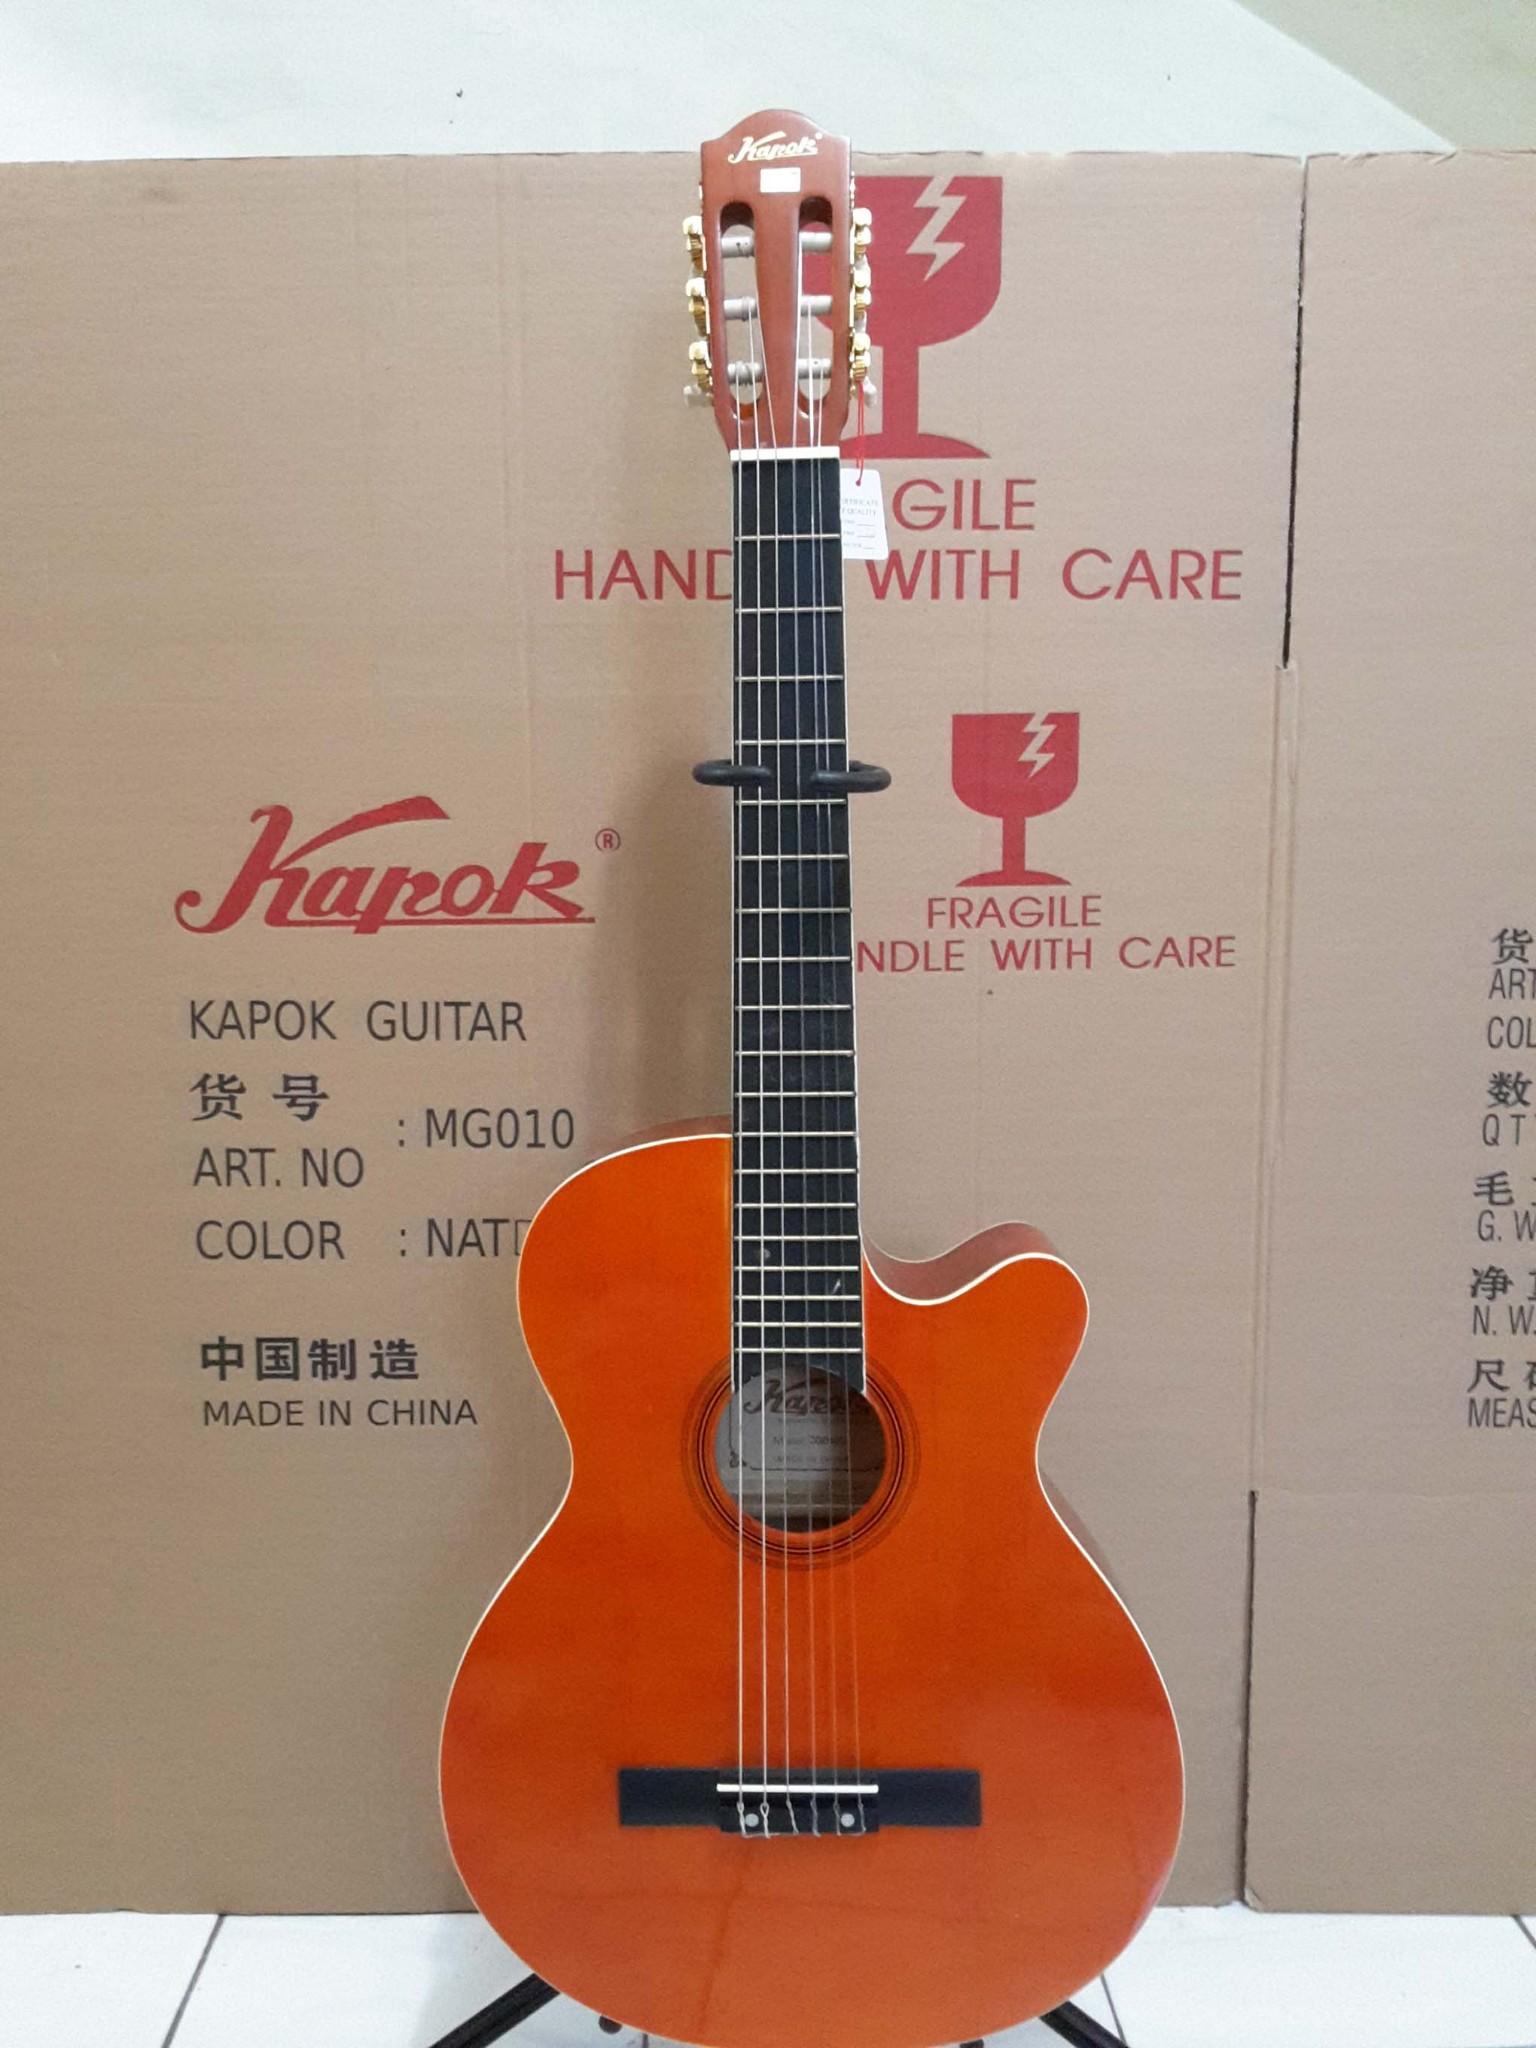 images of foto alat musik gitar sc